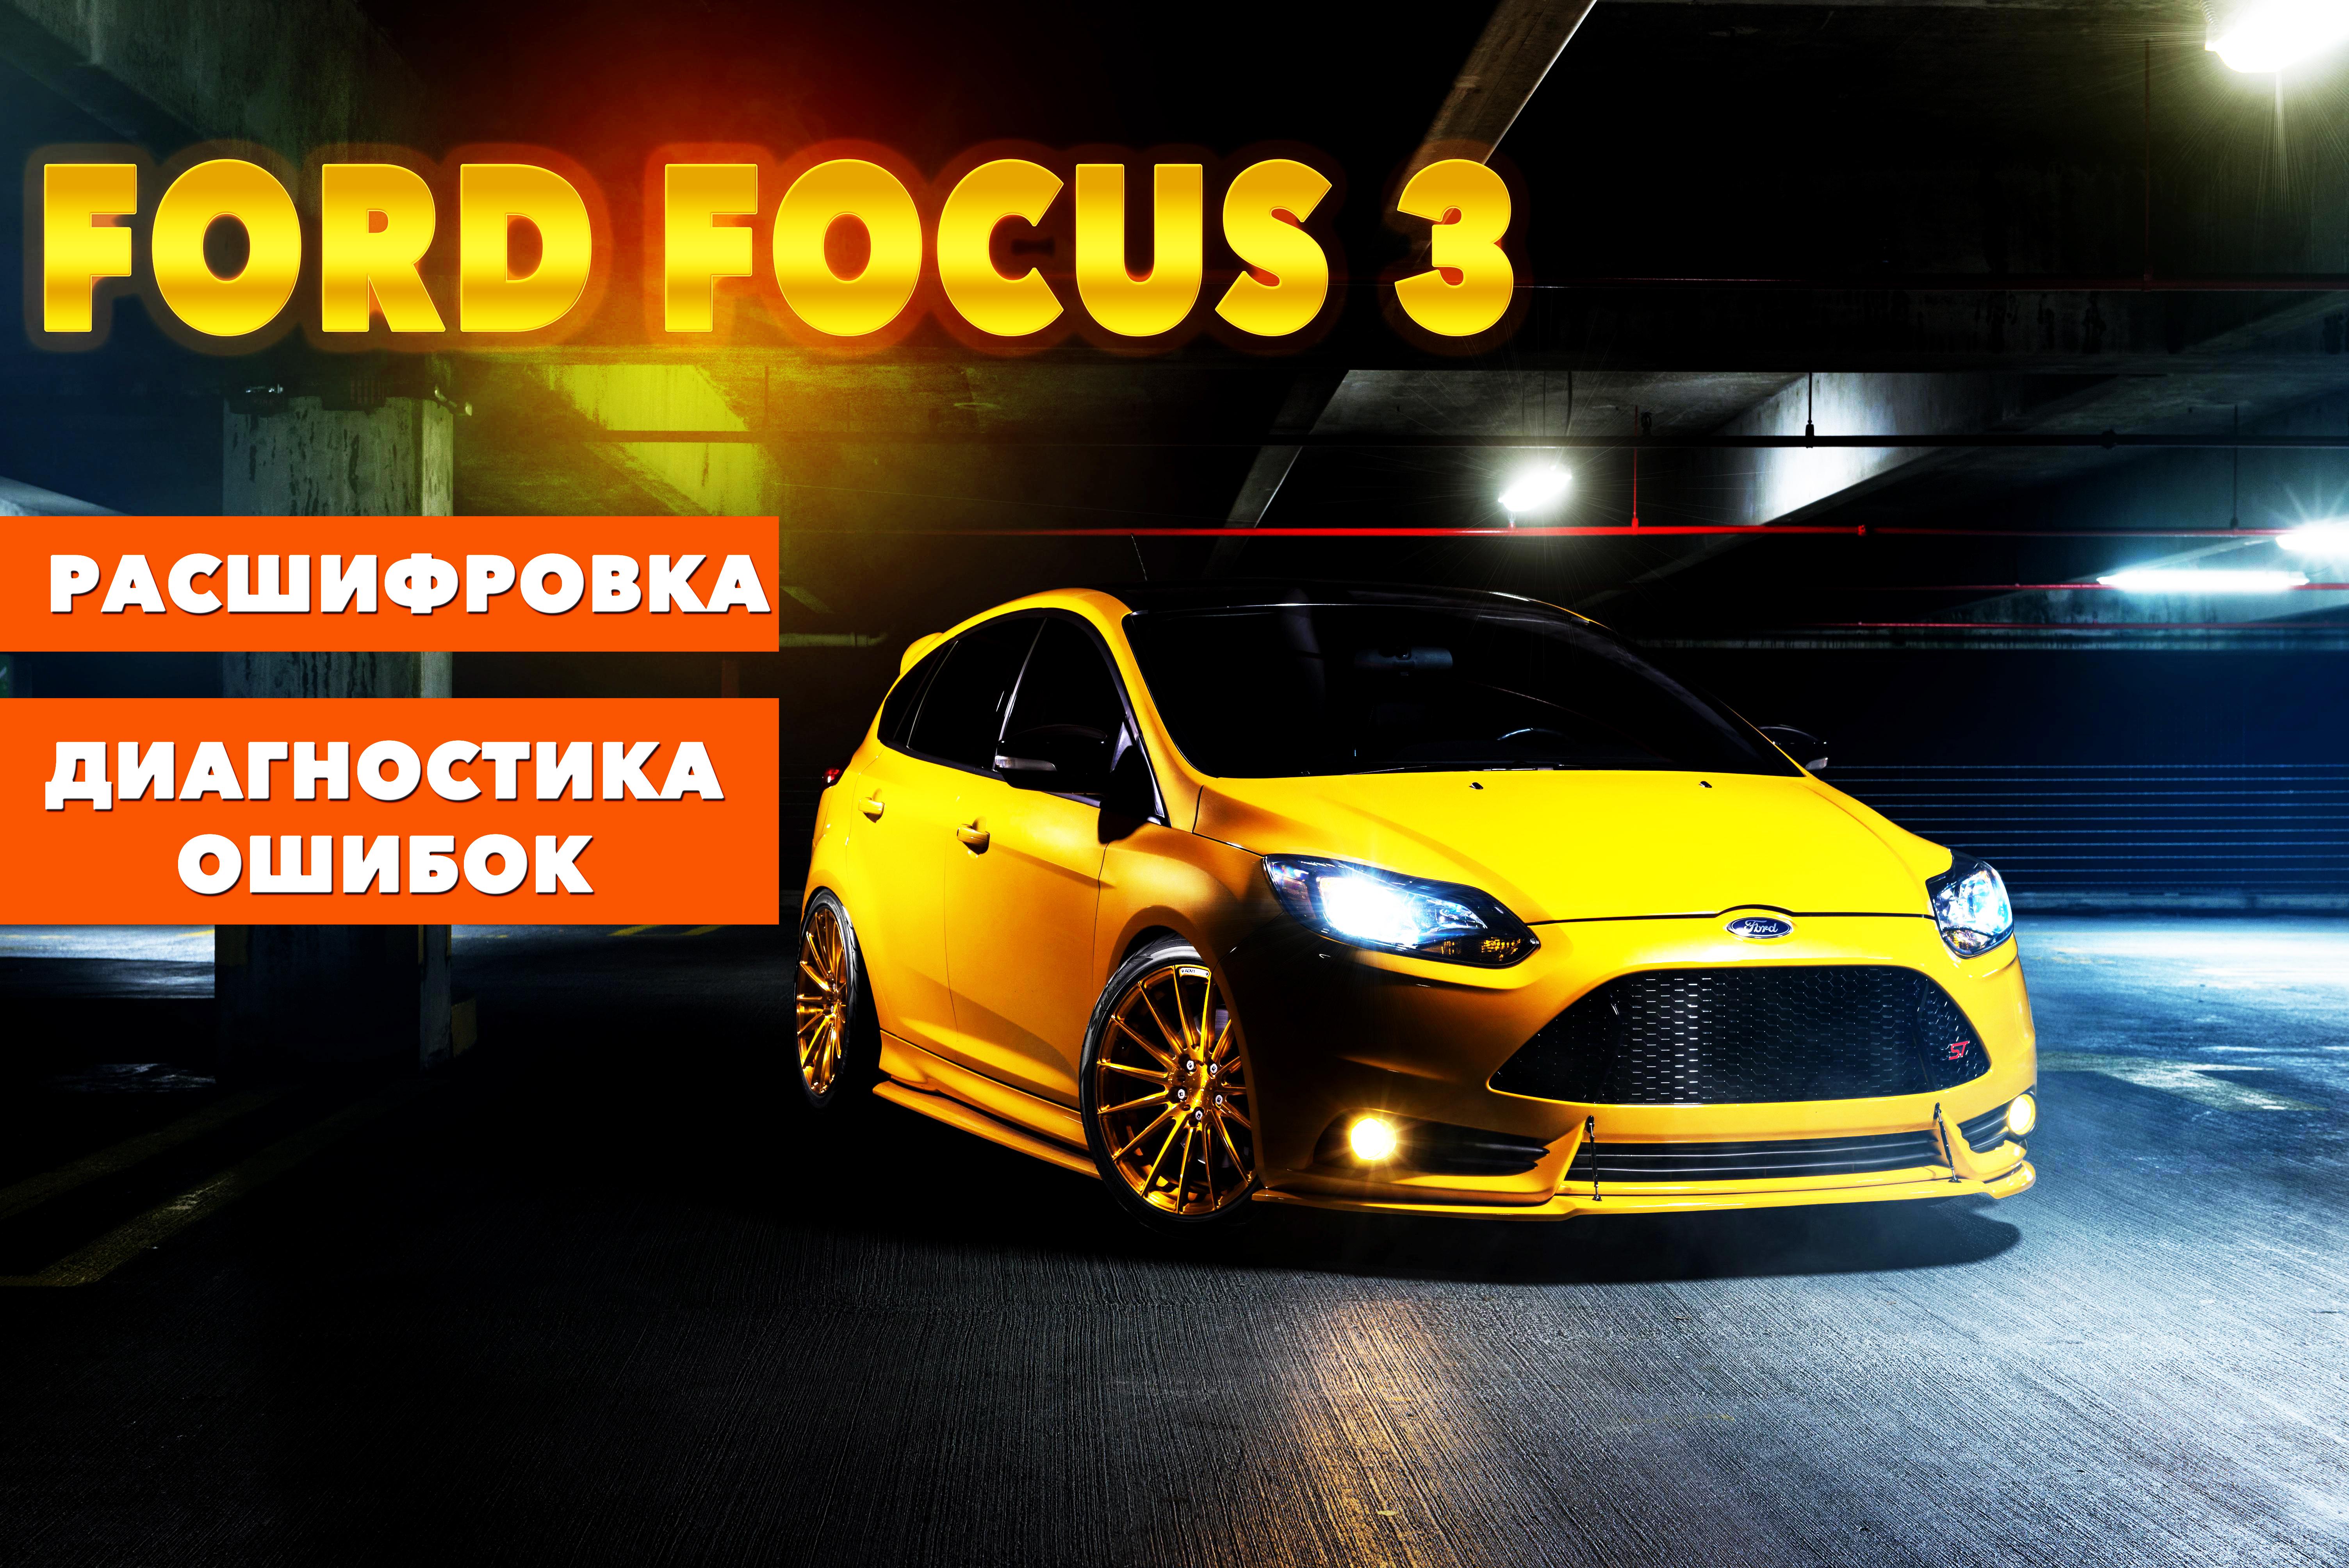 Коды ошибок Форд Фокус 3: расшифровка и диагностика